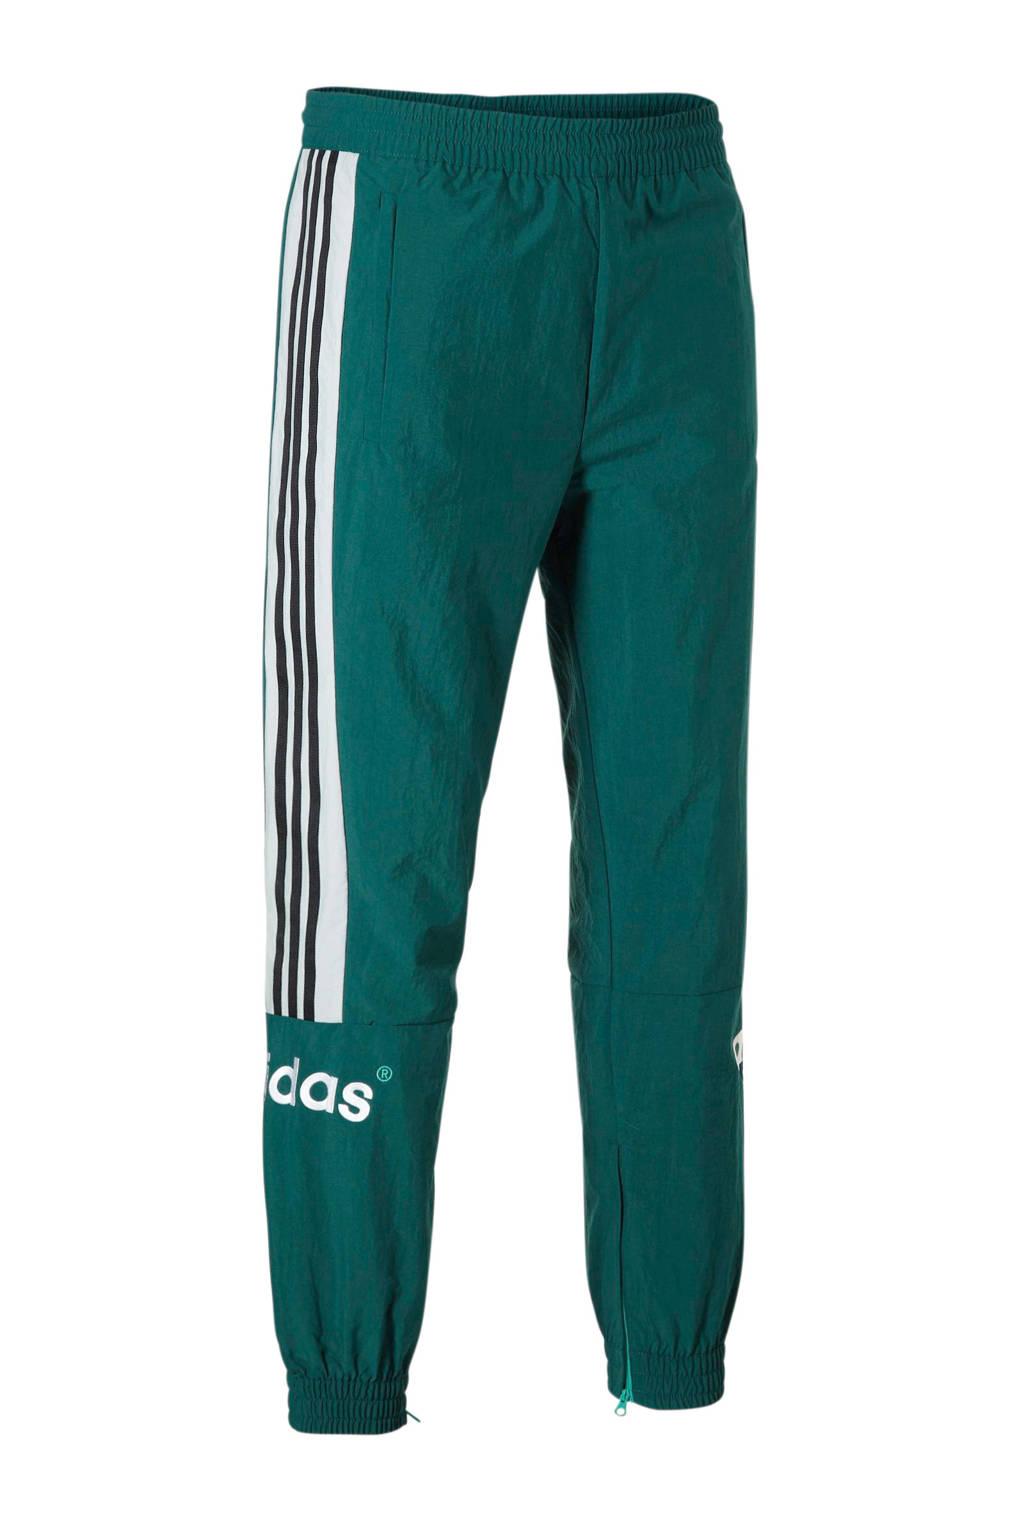 adidas originals trainingsbroek groen, Groen/wit/zwart